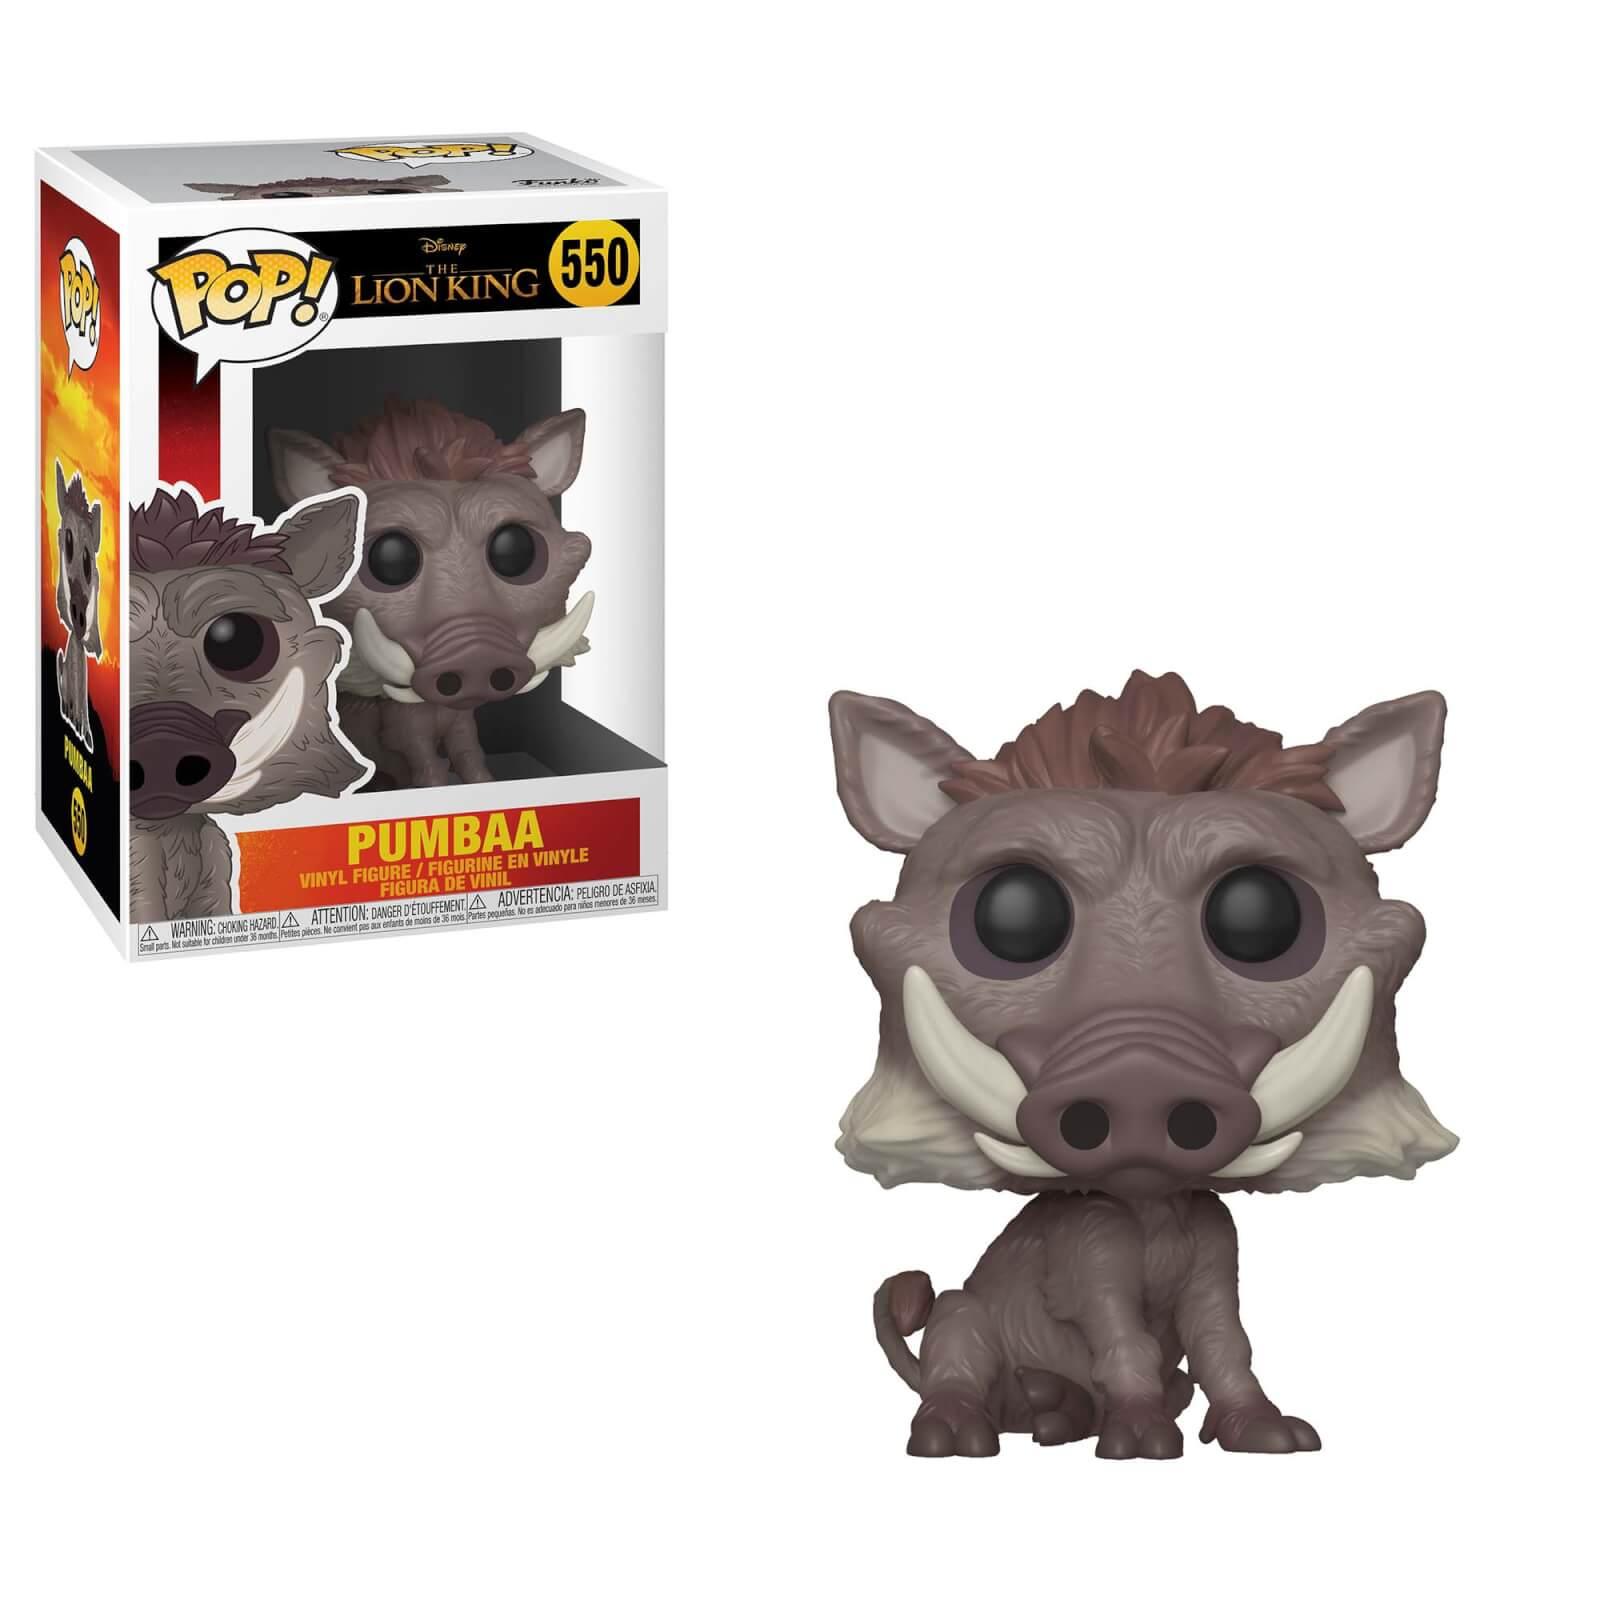 Disney The Lion King 2019 Pumbaa Pop Vinyl Figures